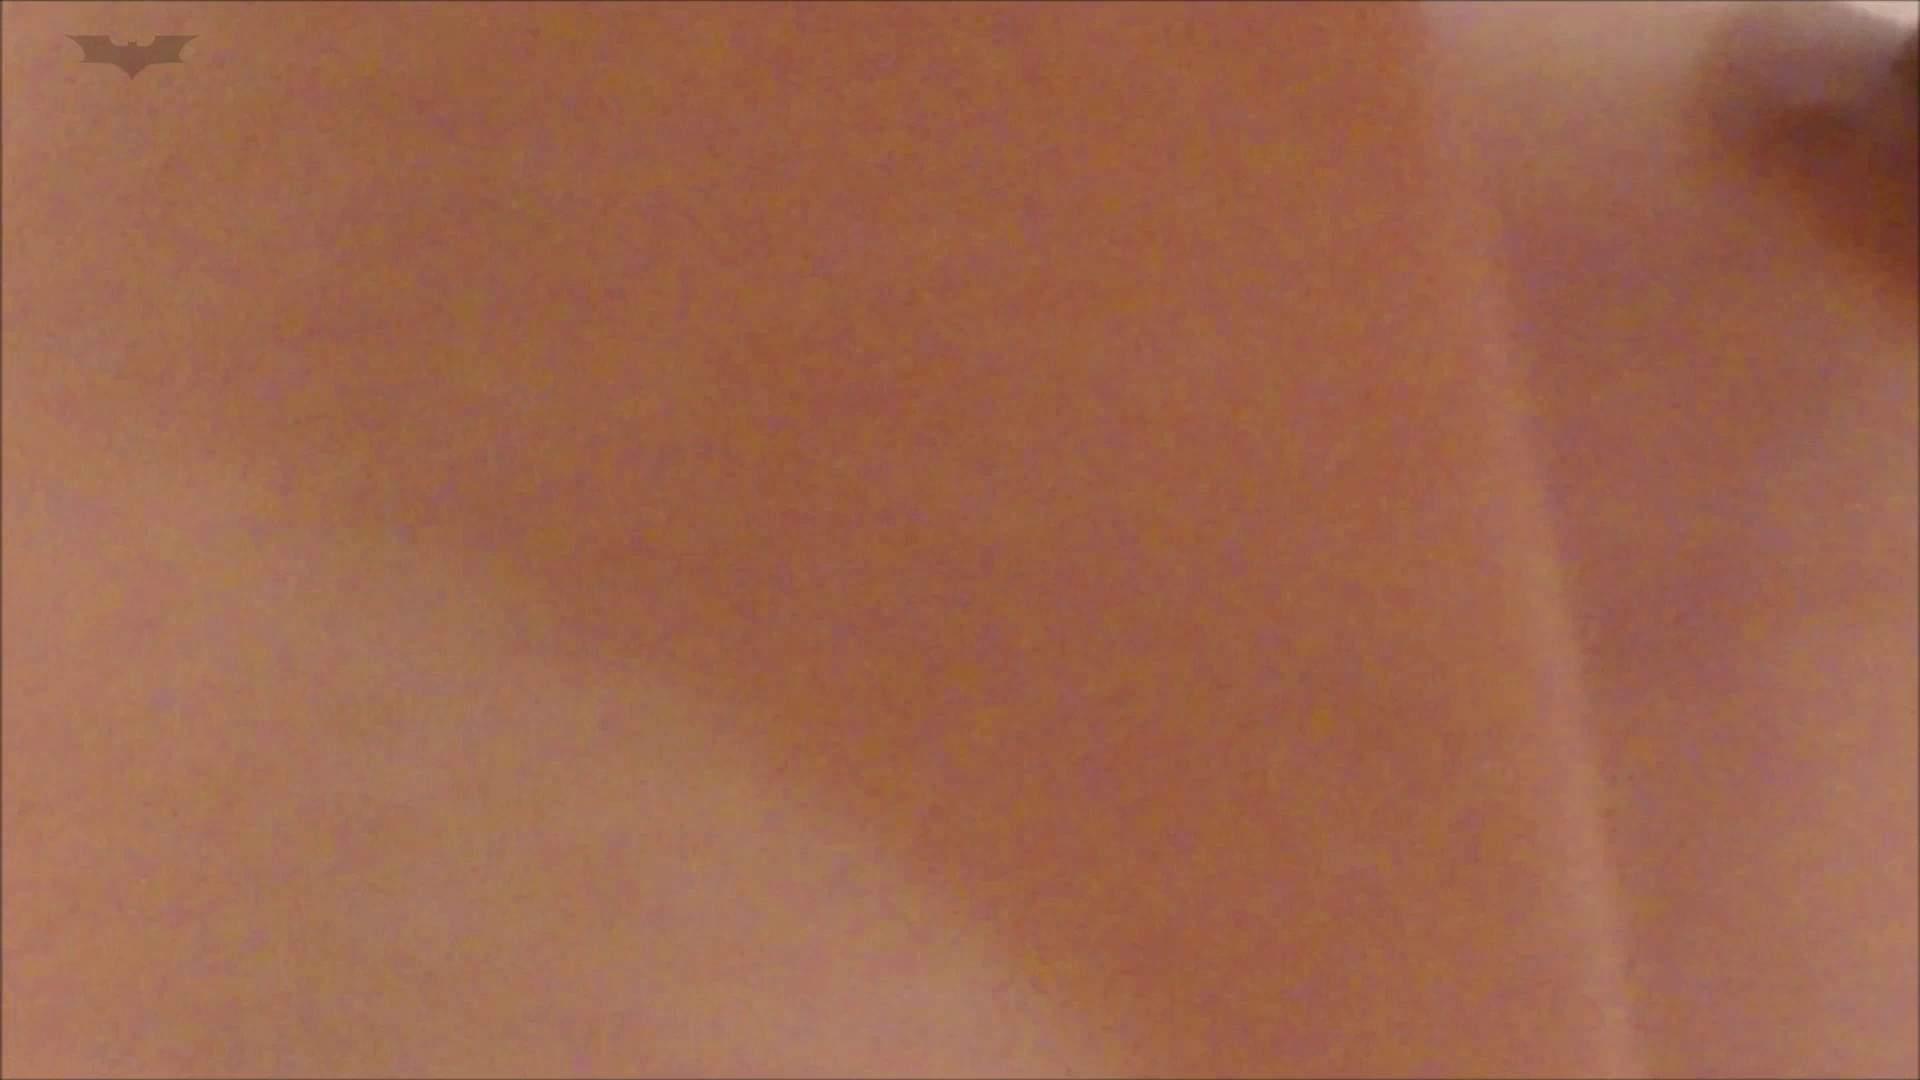 内緒でデリヘル盗撮 Vol.03中編 美肌、美人のデリ嬢にいよいよ挿入! 女体盗撮 盗撮セックス無修正動画無料 91連発 31